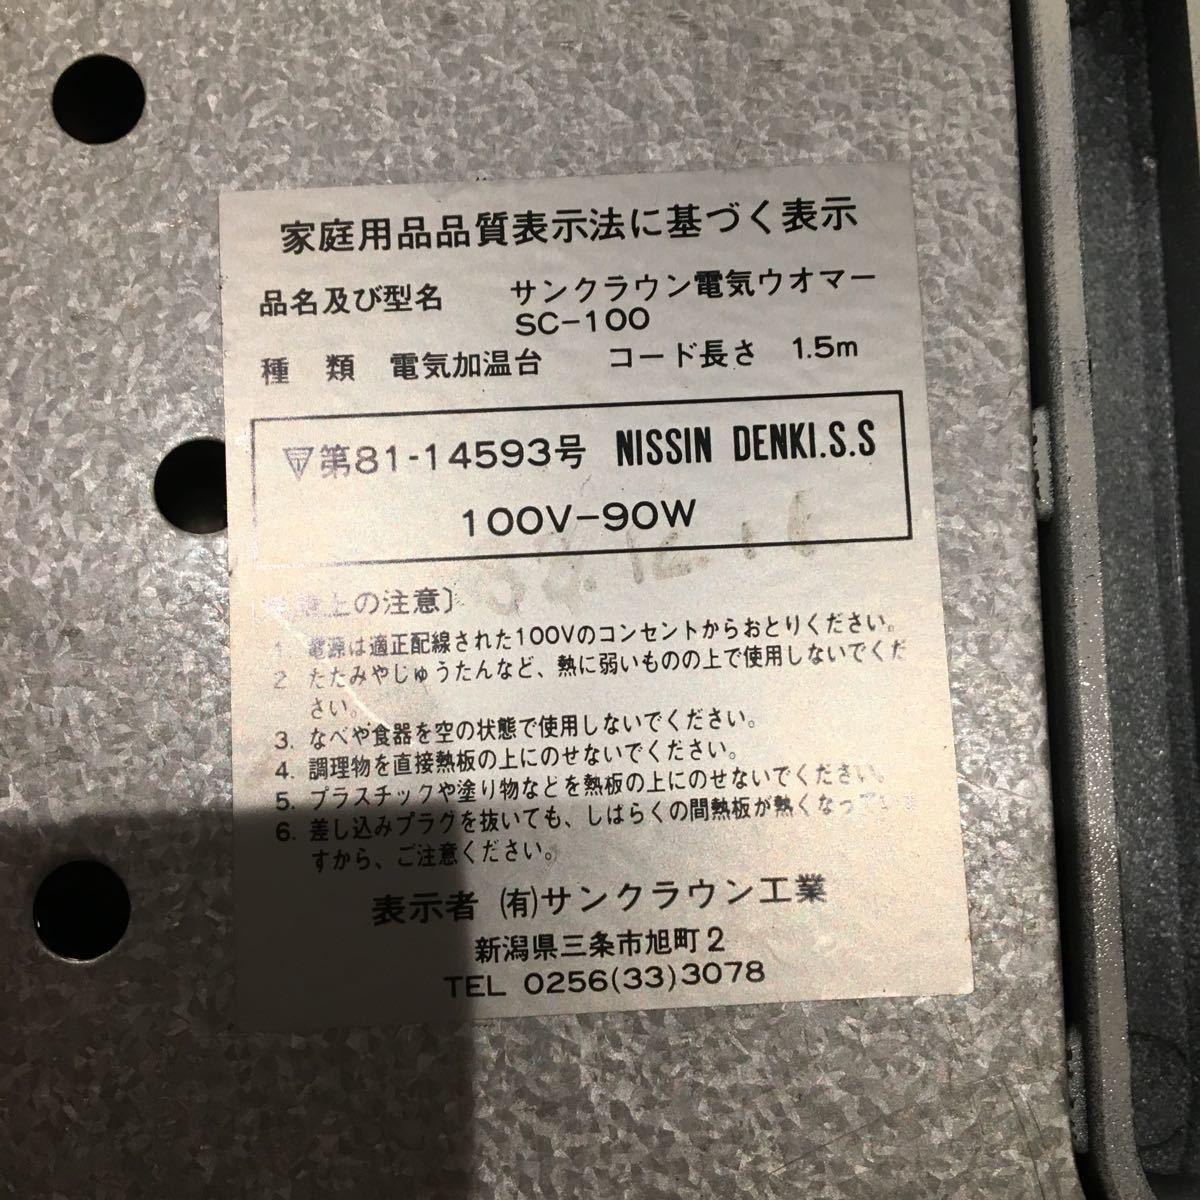 サンクラウン工業 電気保温トレー 加温台 昭和レトロ 白 ホワイト 【未使用】